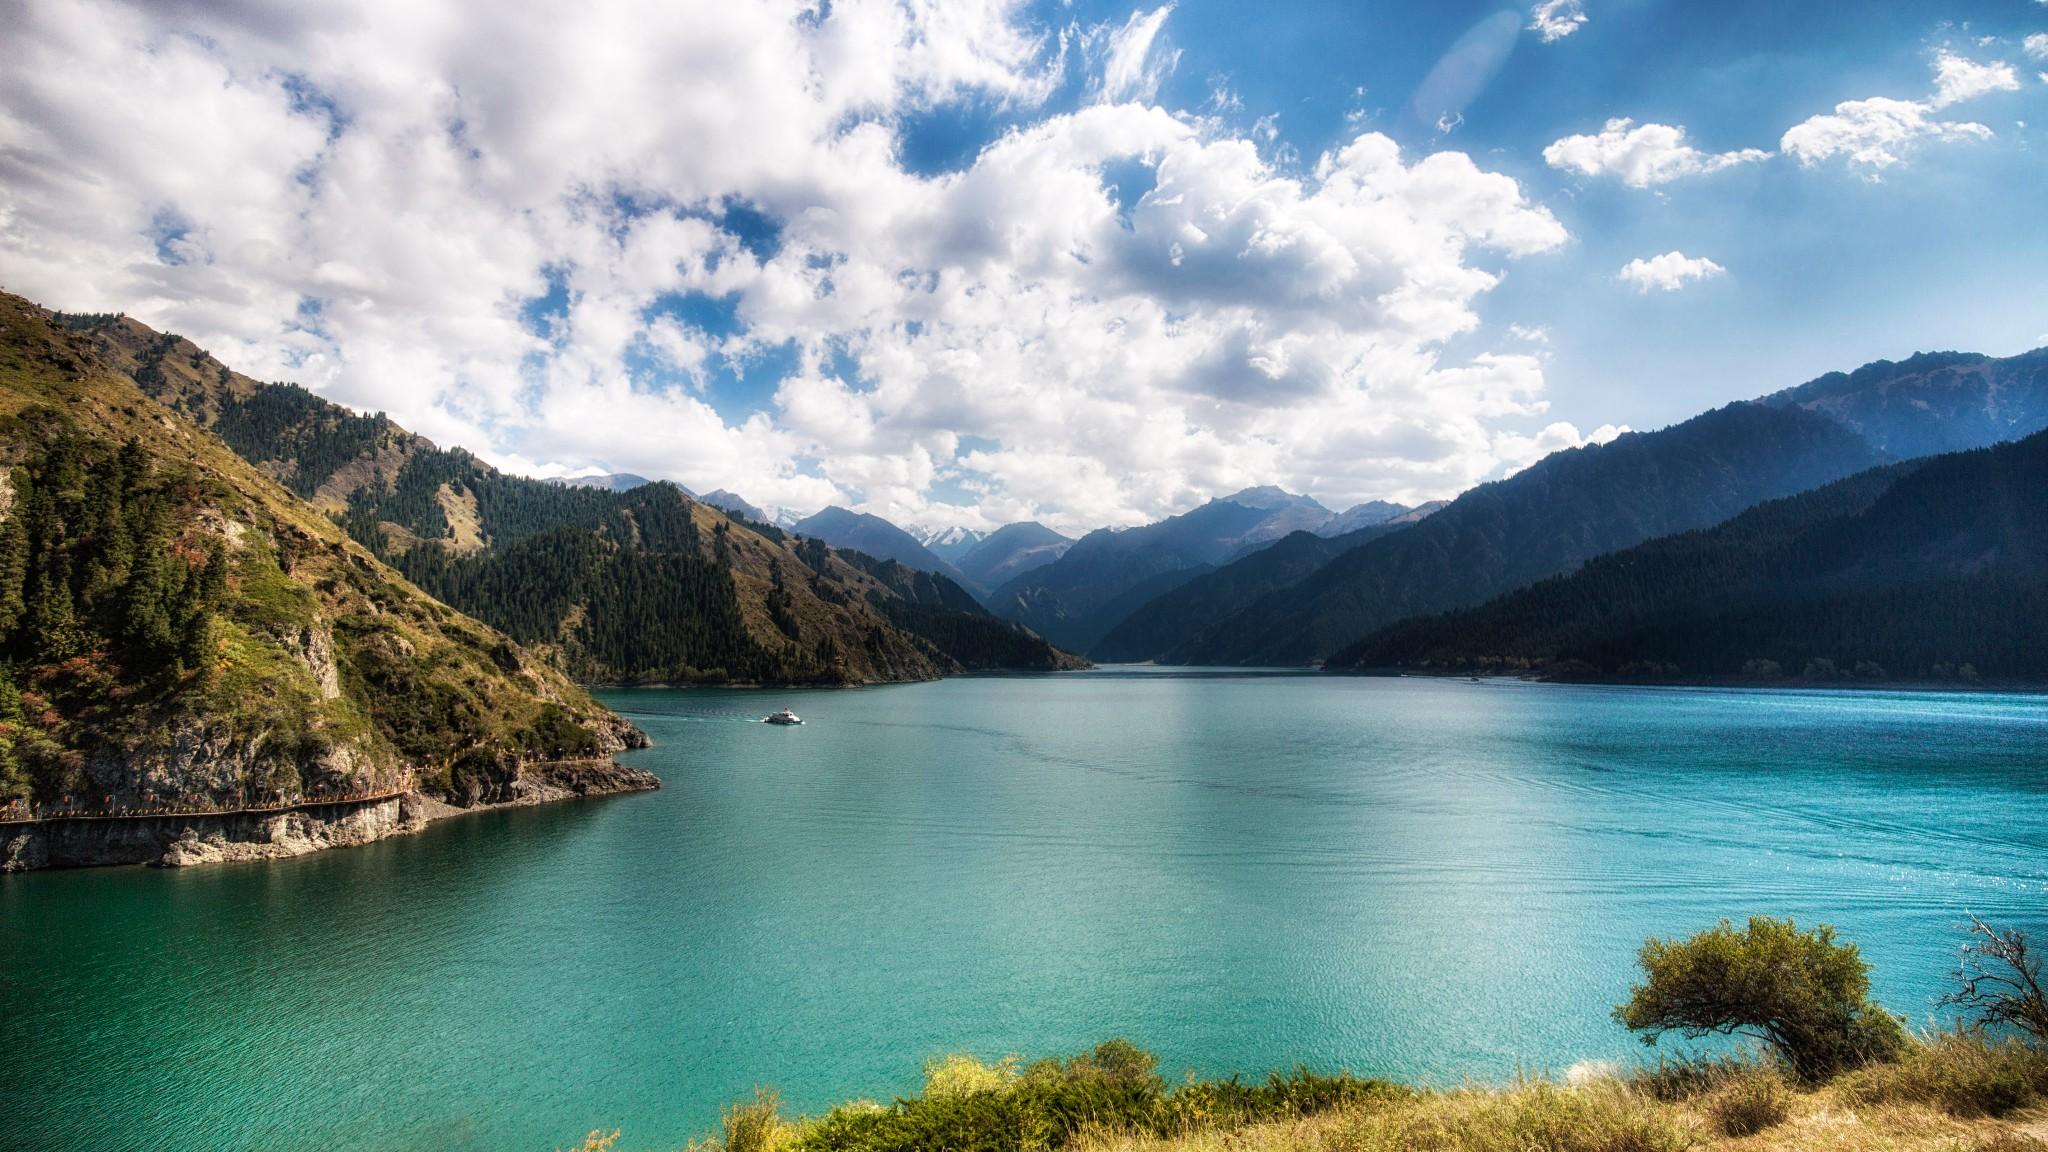 什么时候去新疆旅游最好?